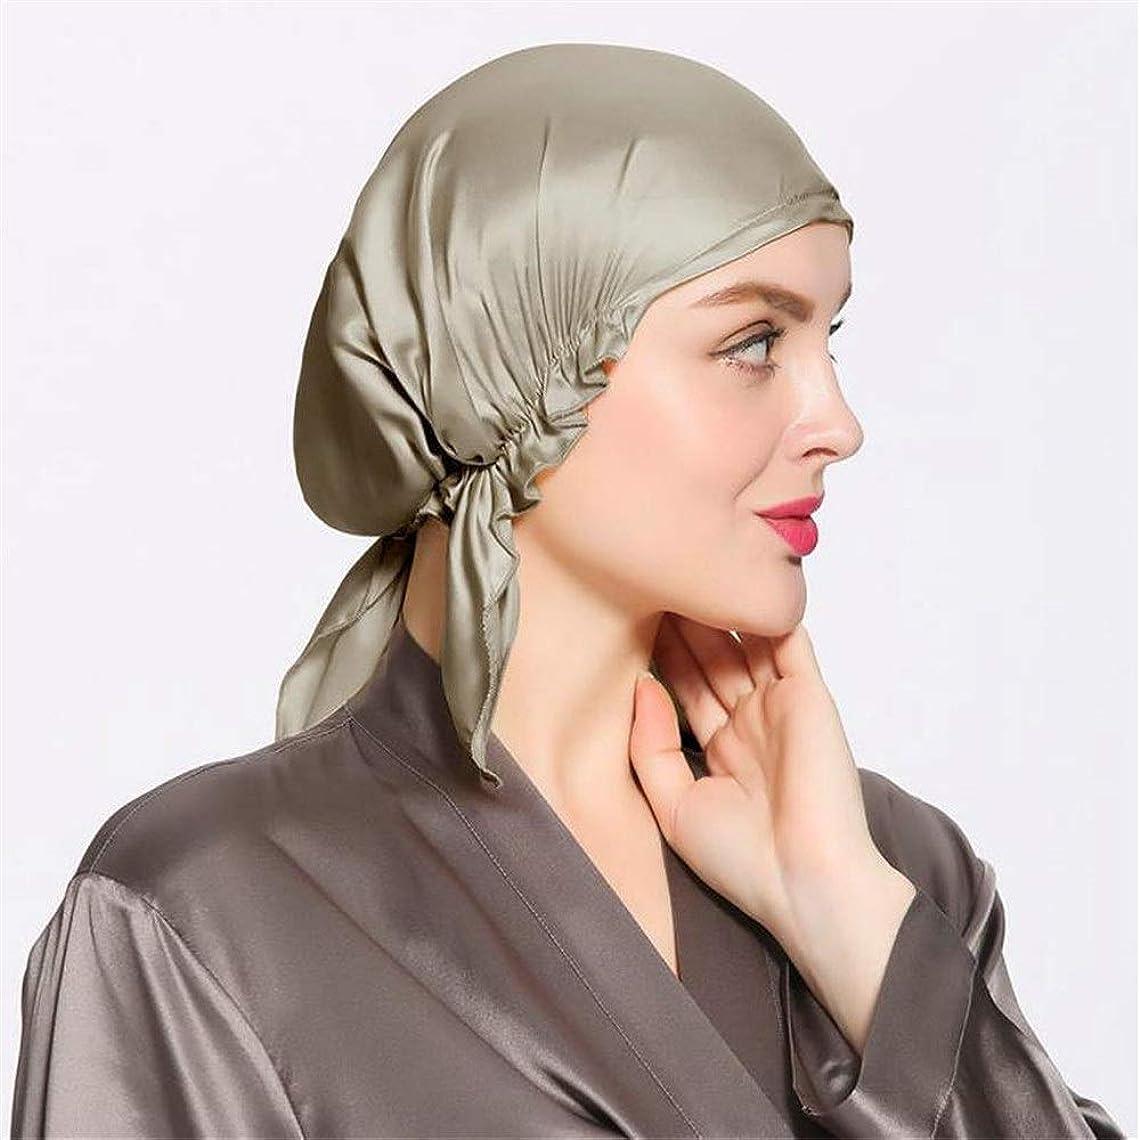 そよ風助手フリンジ弾性スリーピングキャップ 調節可能な伸縮性があるリボンが付いている柔らかい帽子を眠っている脱毛の女性のためのシルクの睡眠の帽子のボンネット (色 : カーキ, サイズ : Free size)